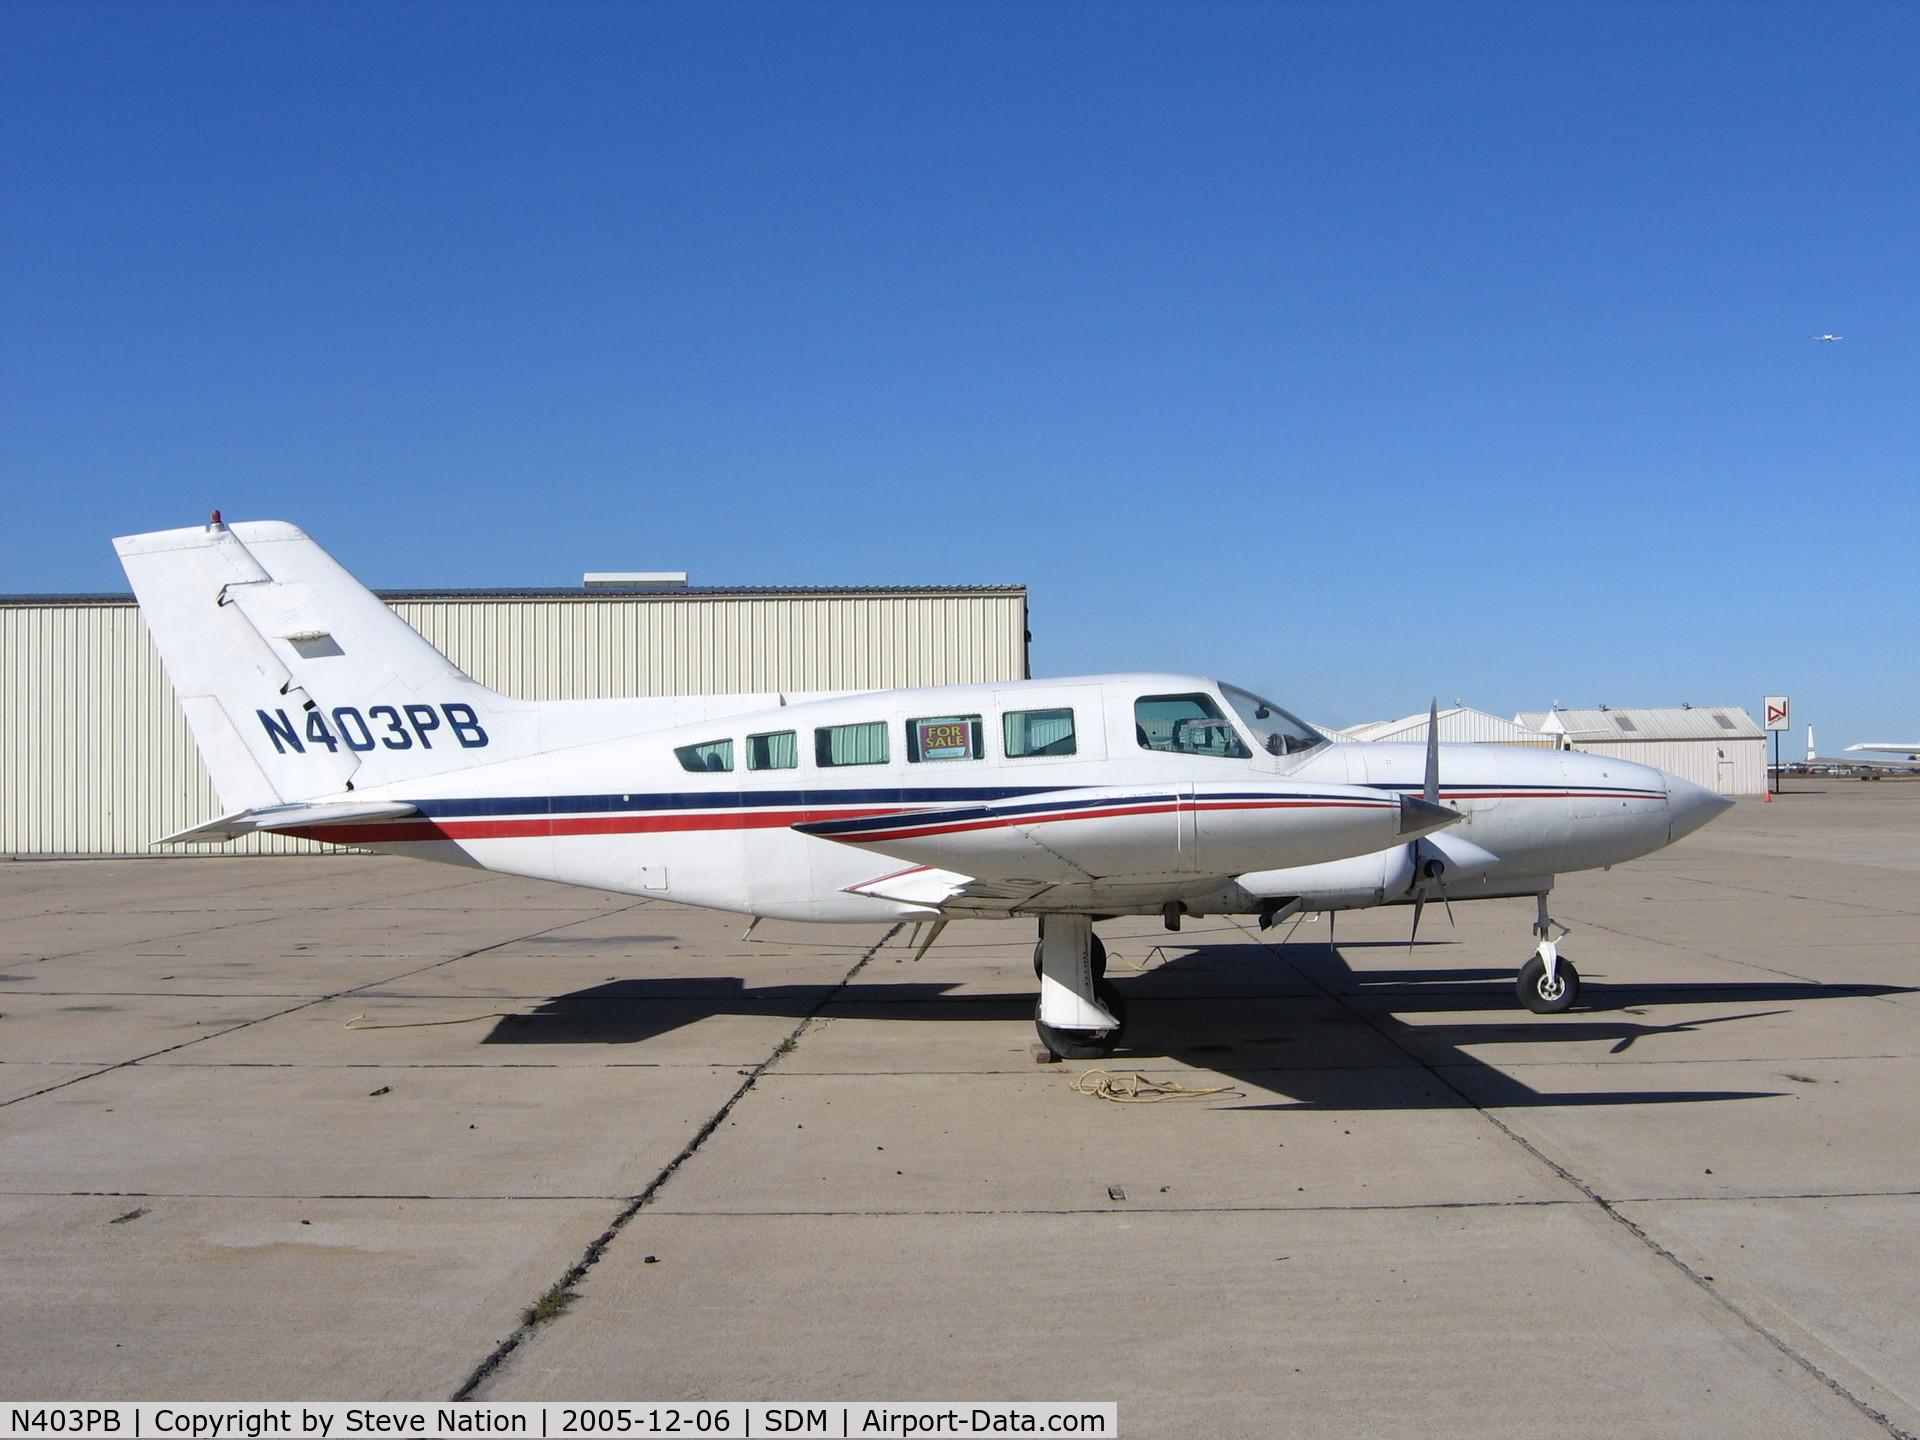 N403PB, 1976 Cessna 402B C/N 402B-1217, 1976 Cessna 402B at Brown Field (San Diego), CA in bright December sunshine